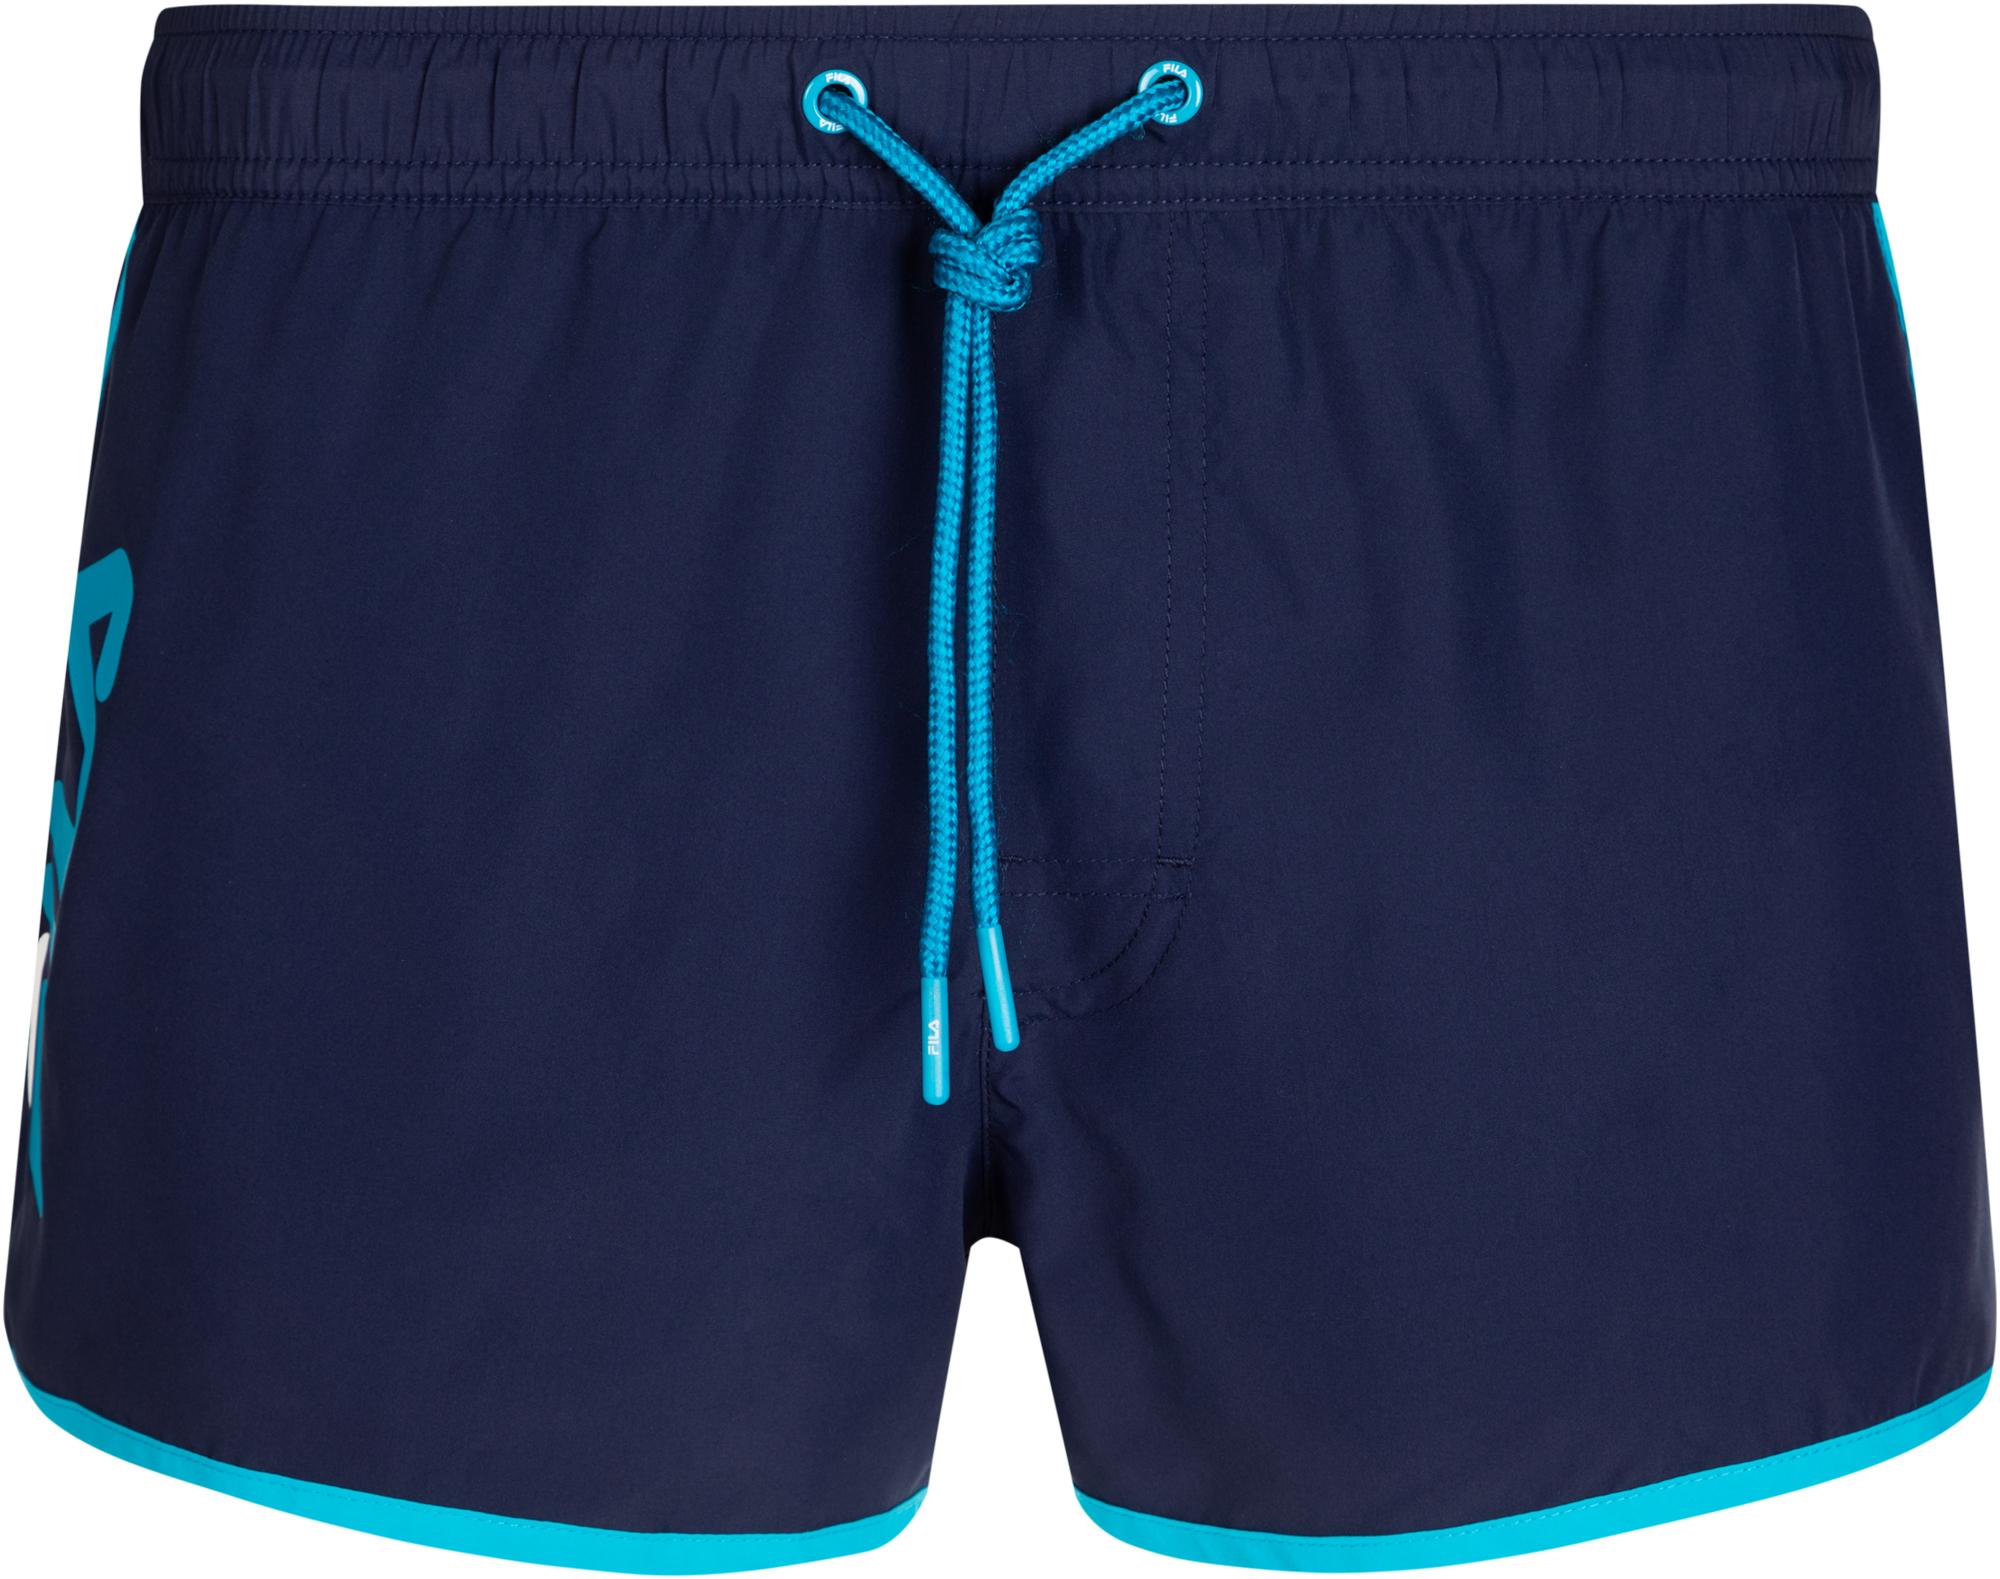 Фото - FILA Шорты плавательные мужские FILA, размер 46 fila шорты плавательные для мальчиков fila размер 164